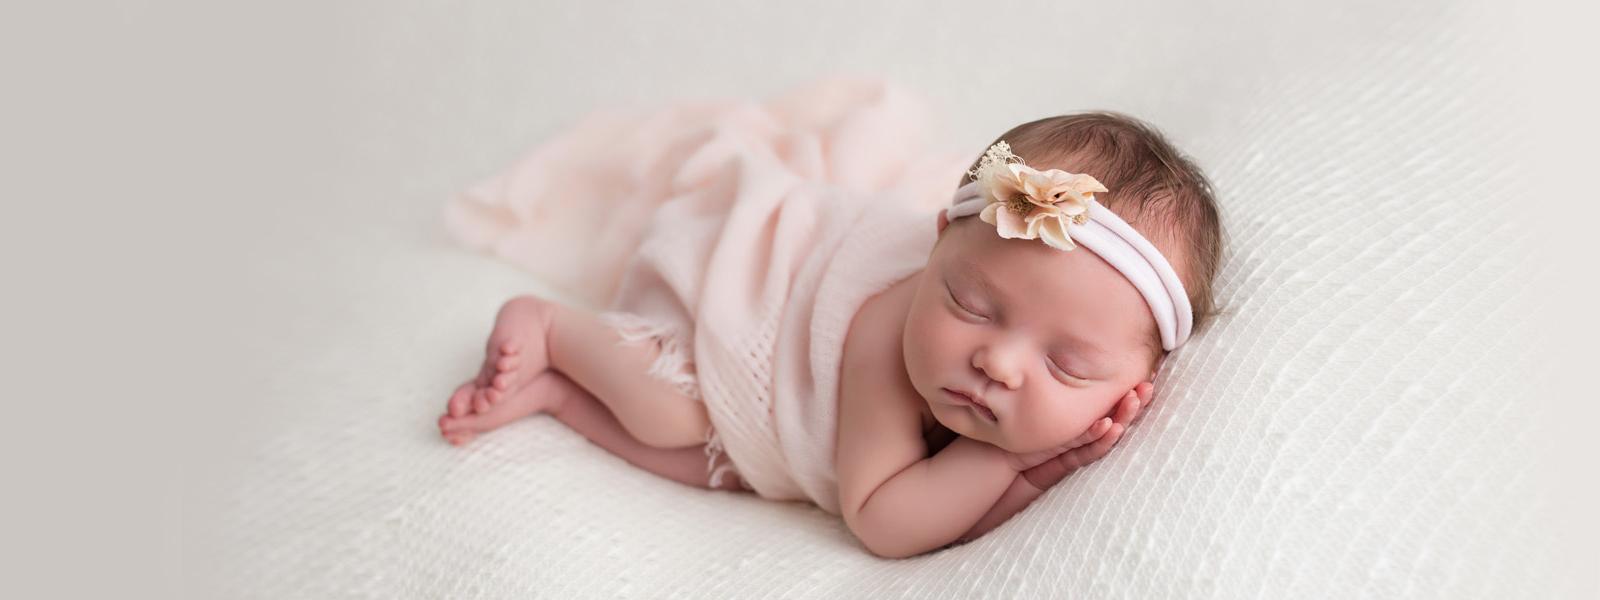 newborn-baby-girl-hudson-ohio